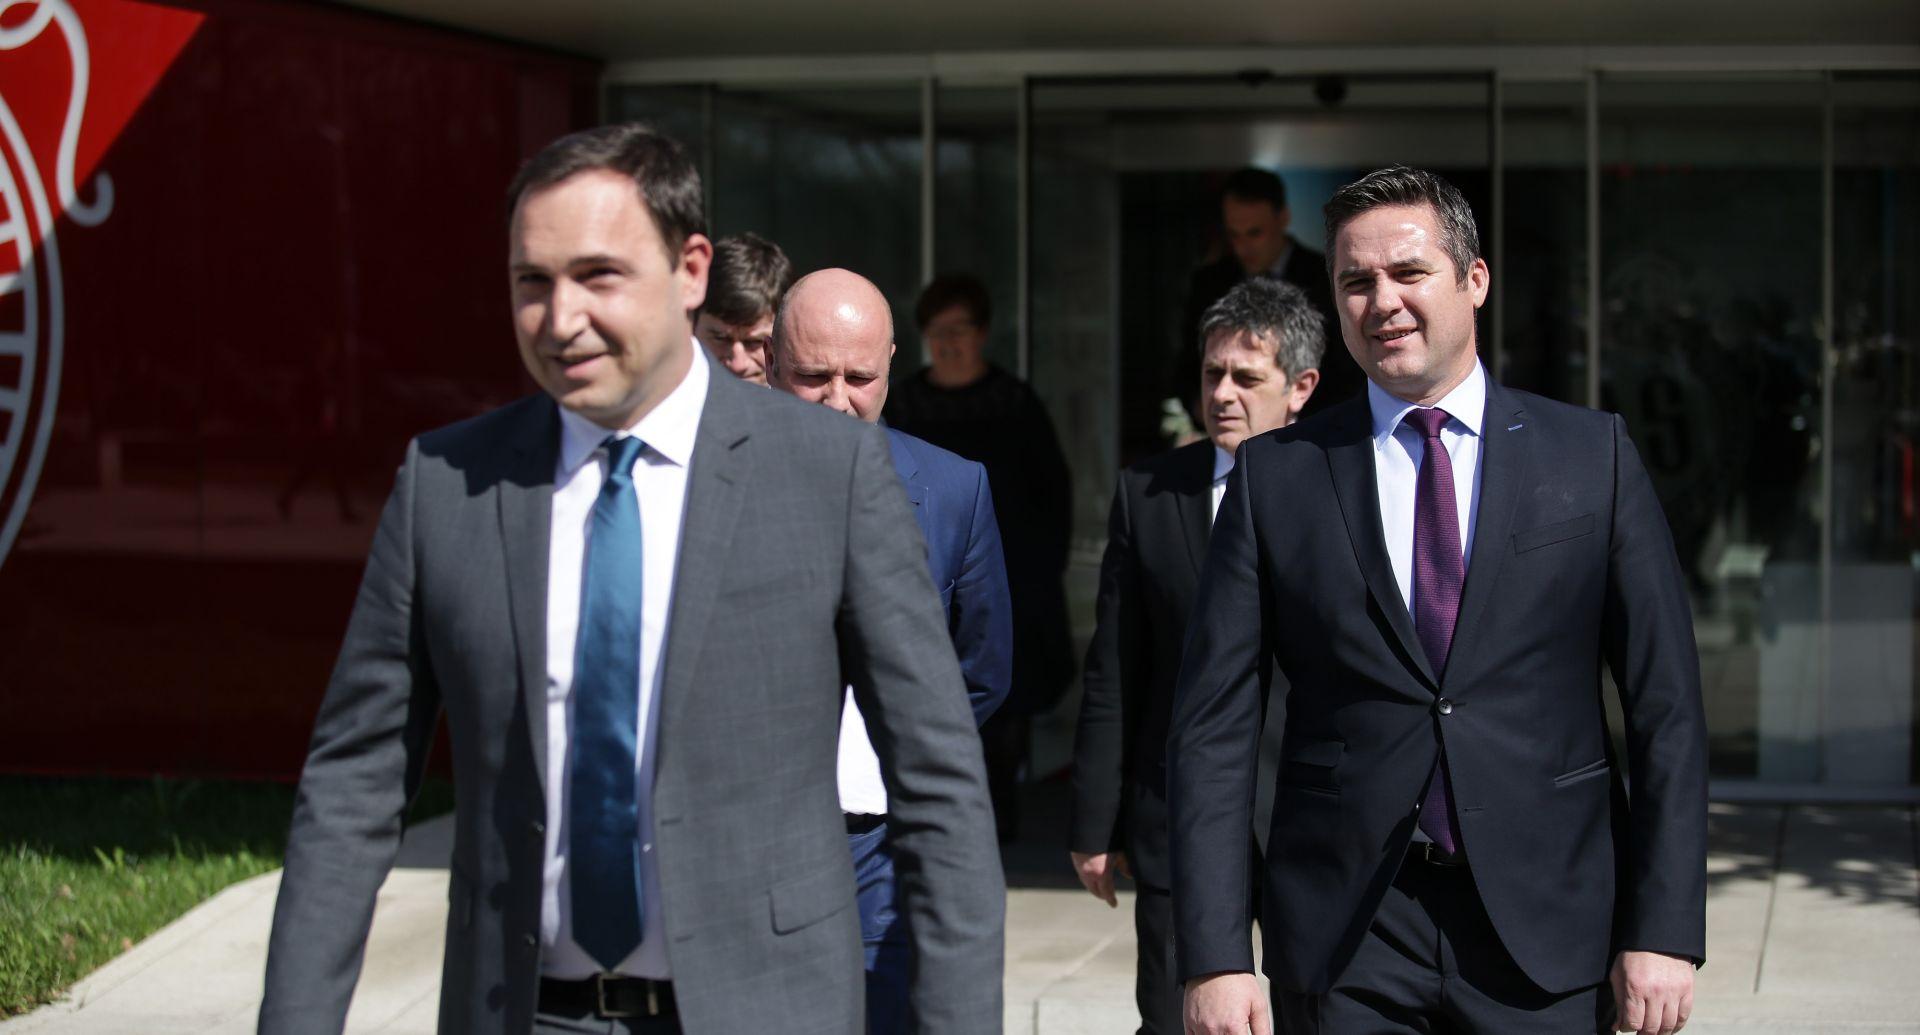 Agrokorovi dobavljači danas na sastanku s ministricom Dalić